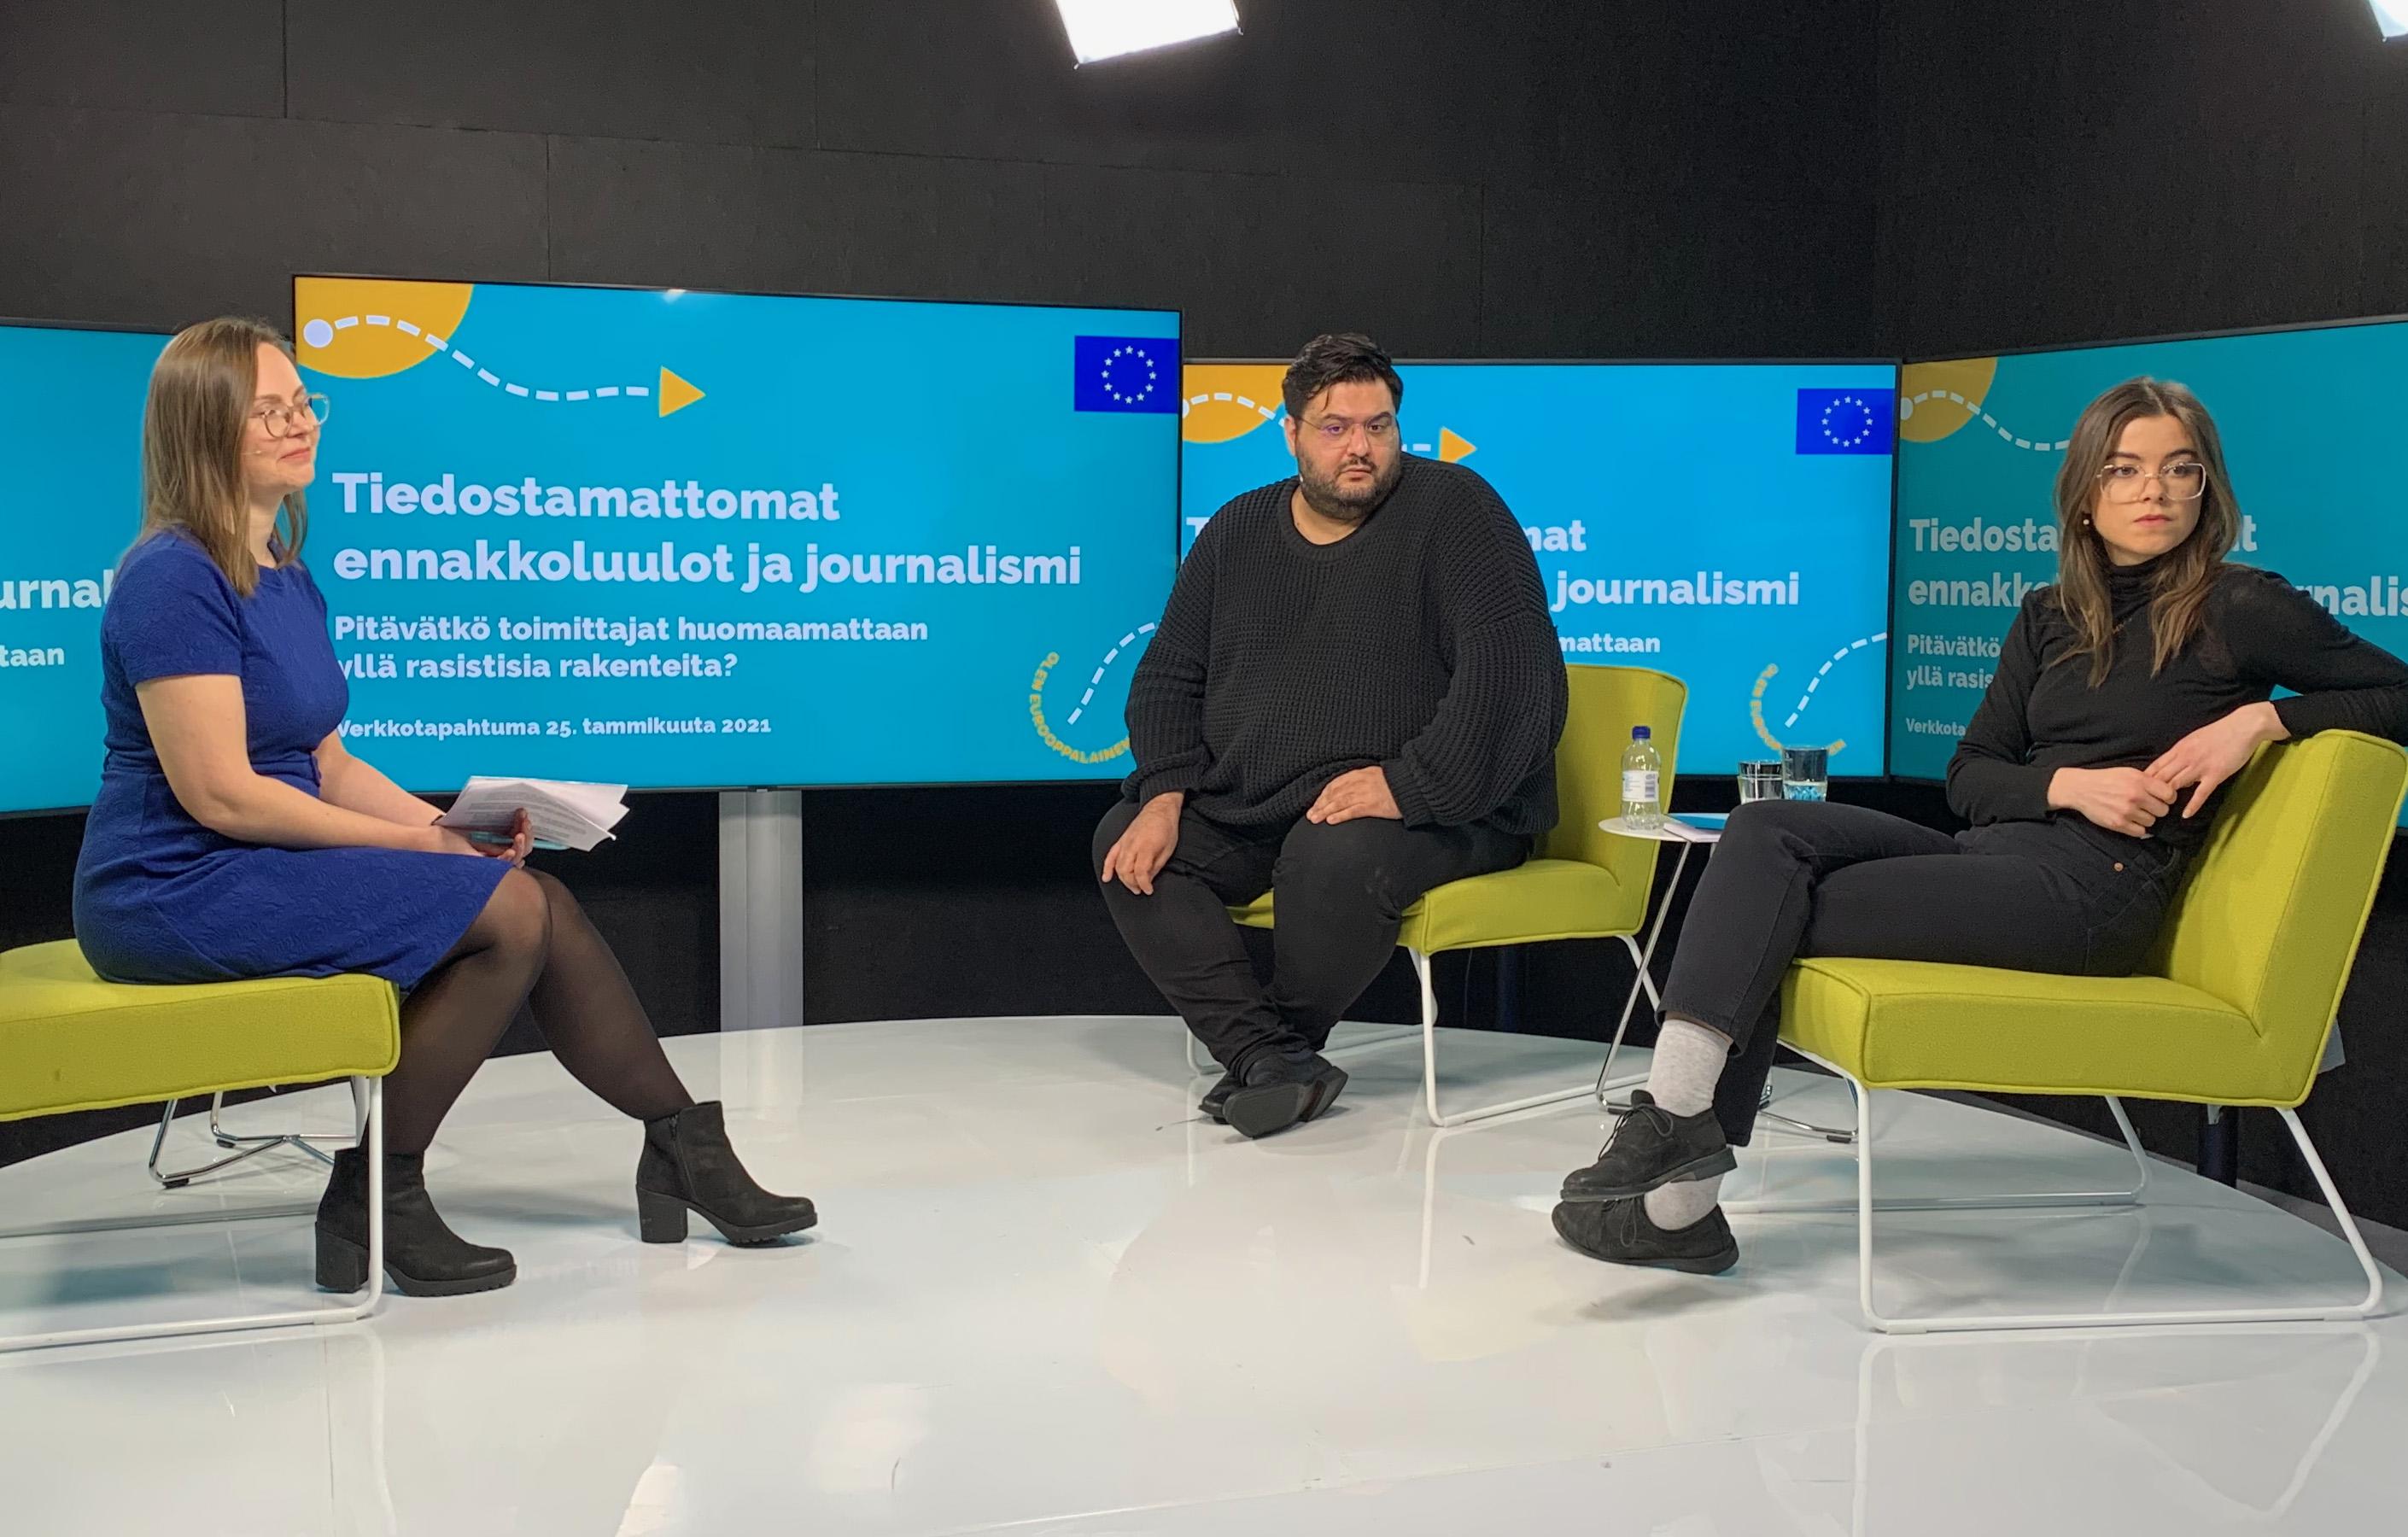 Toimittajat Noora Jokinen, Kyösti Hagert ja Adile Sevimli.